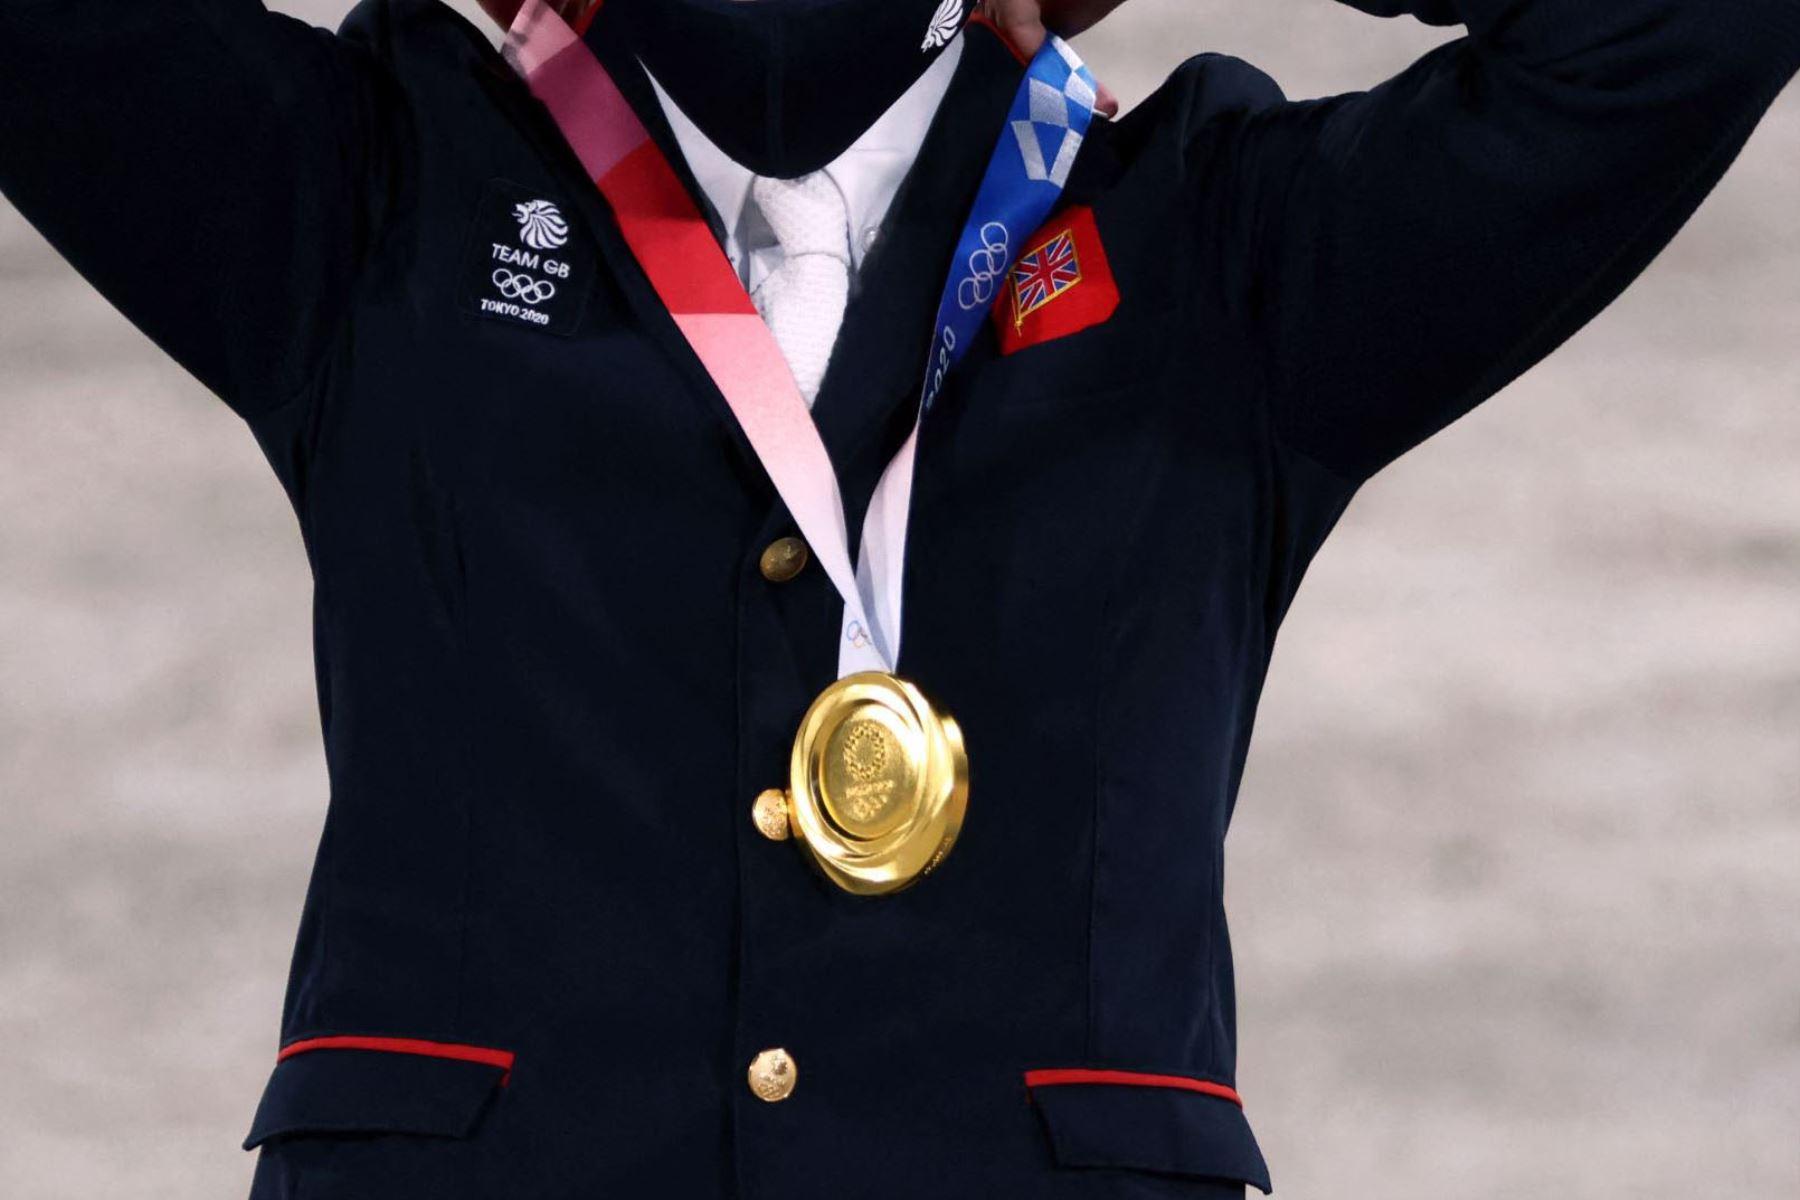 El cuadro medallero es liderado por China